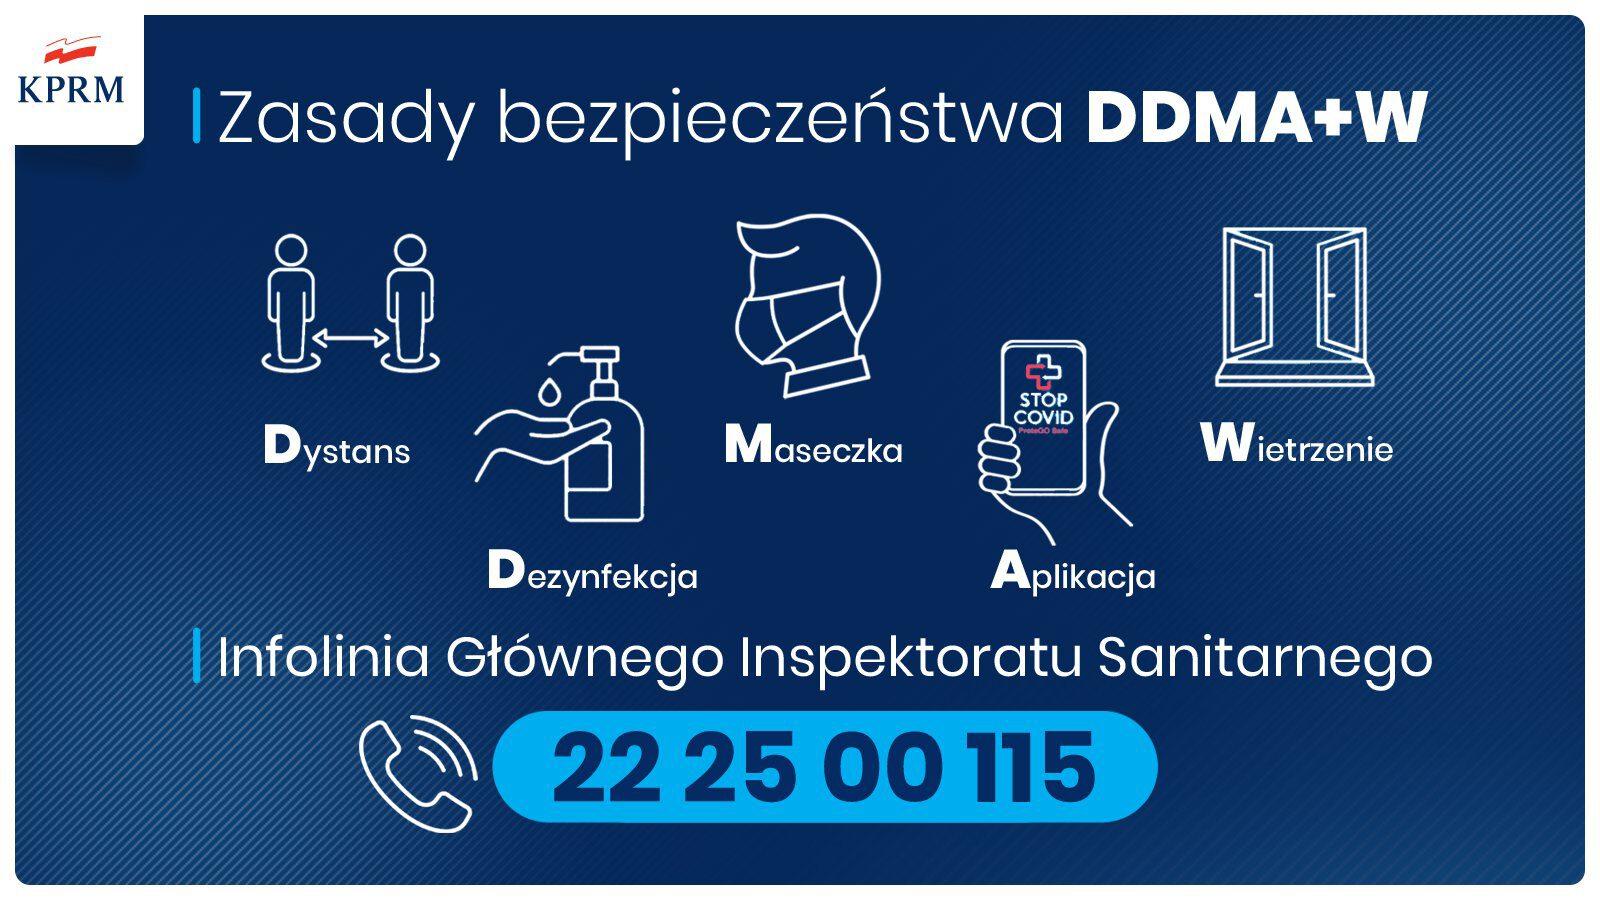 Zasady bezpieczeństwa w związku z COVID-19 Numer telefonu infolinii: 22 2500115